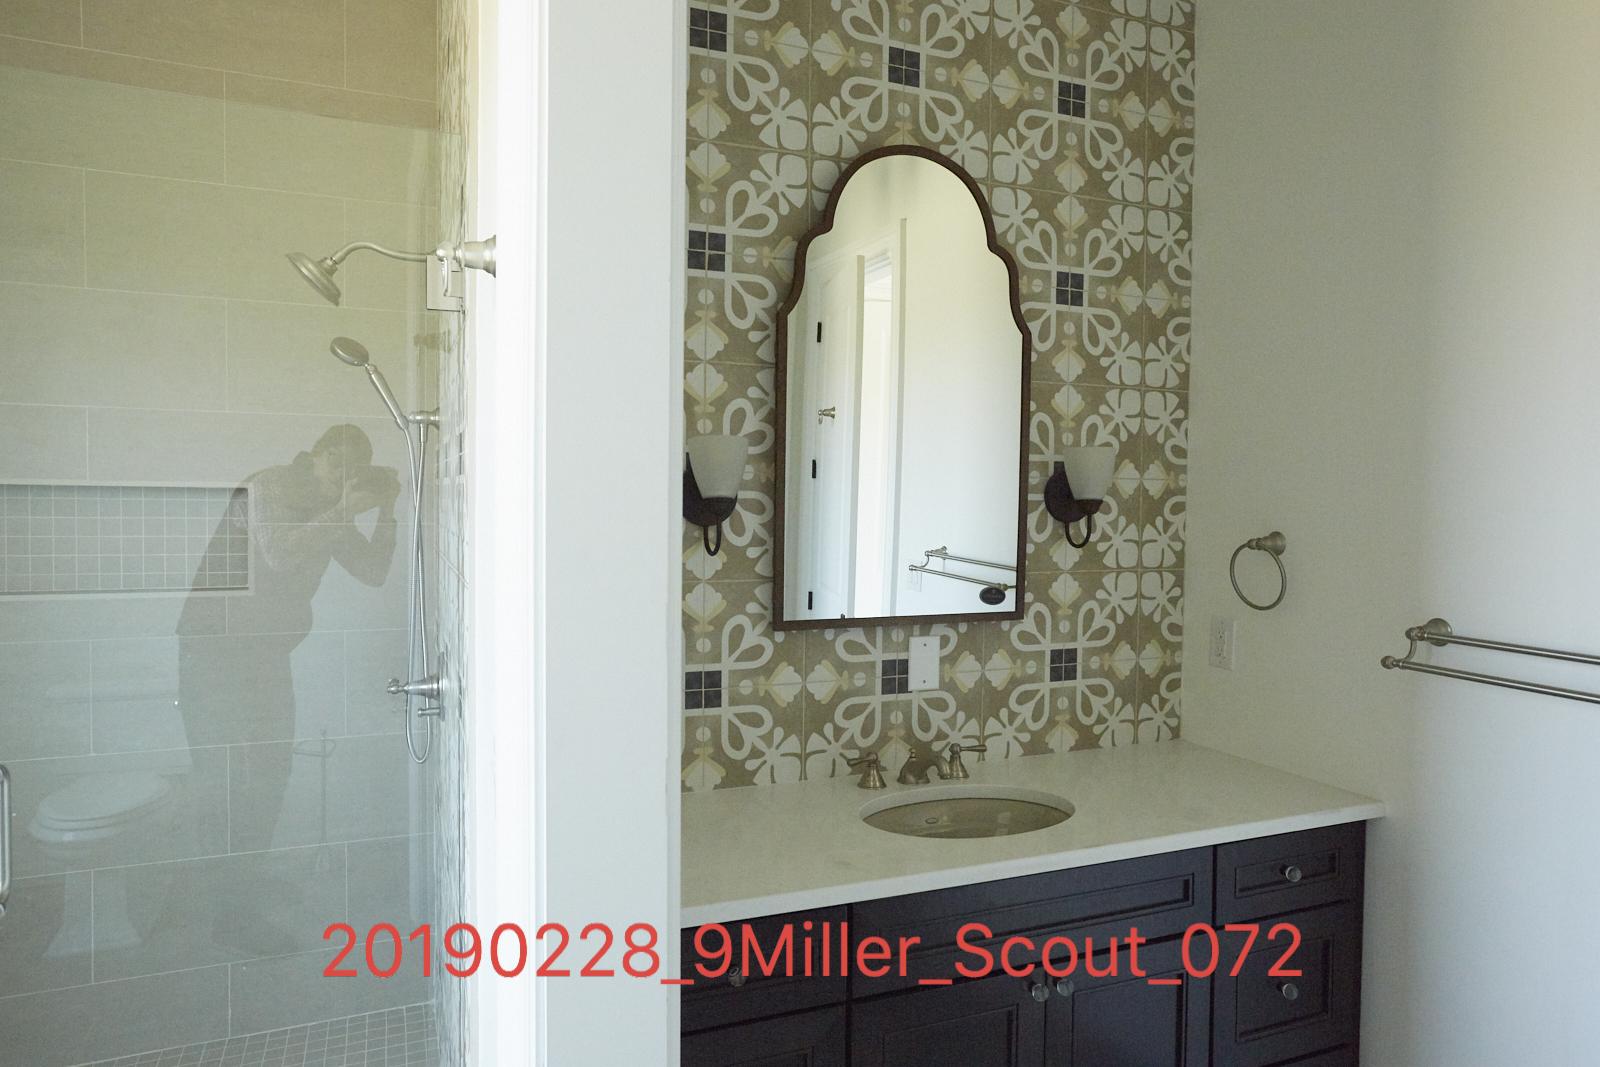 9Miller_Web Gallery_085.jpg